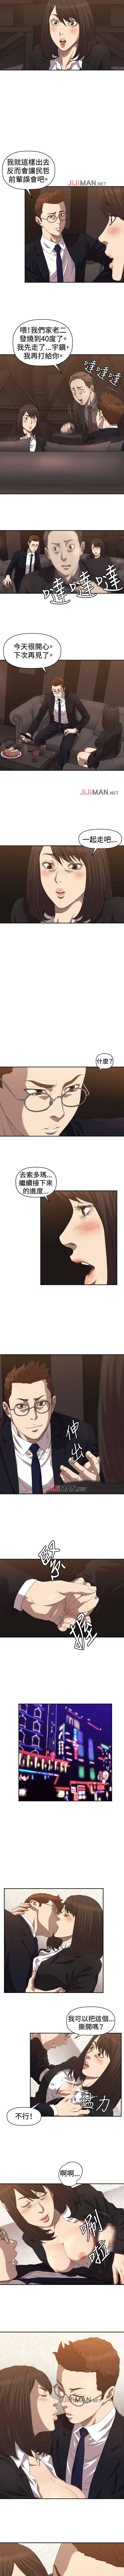 【已完结】索多玛俱乐部(作者:何藝媛&庫奈尼) 第1~32话 24